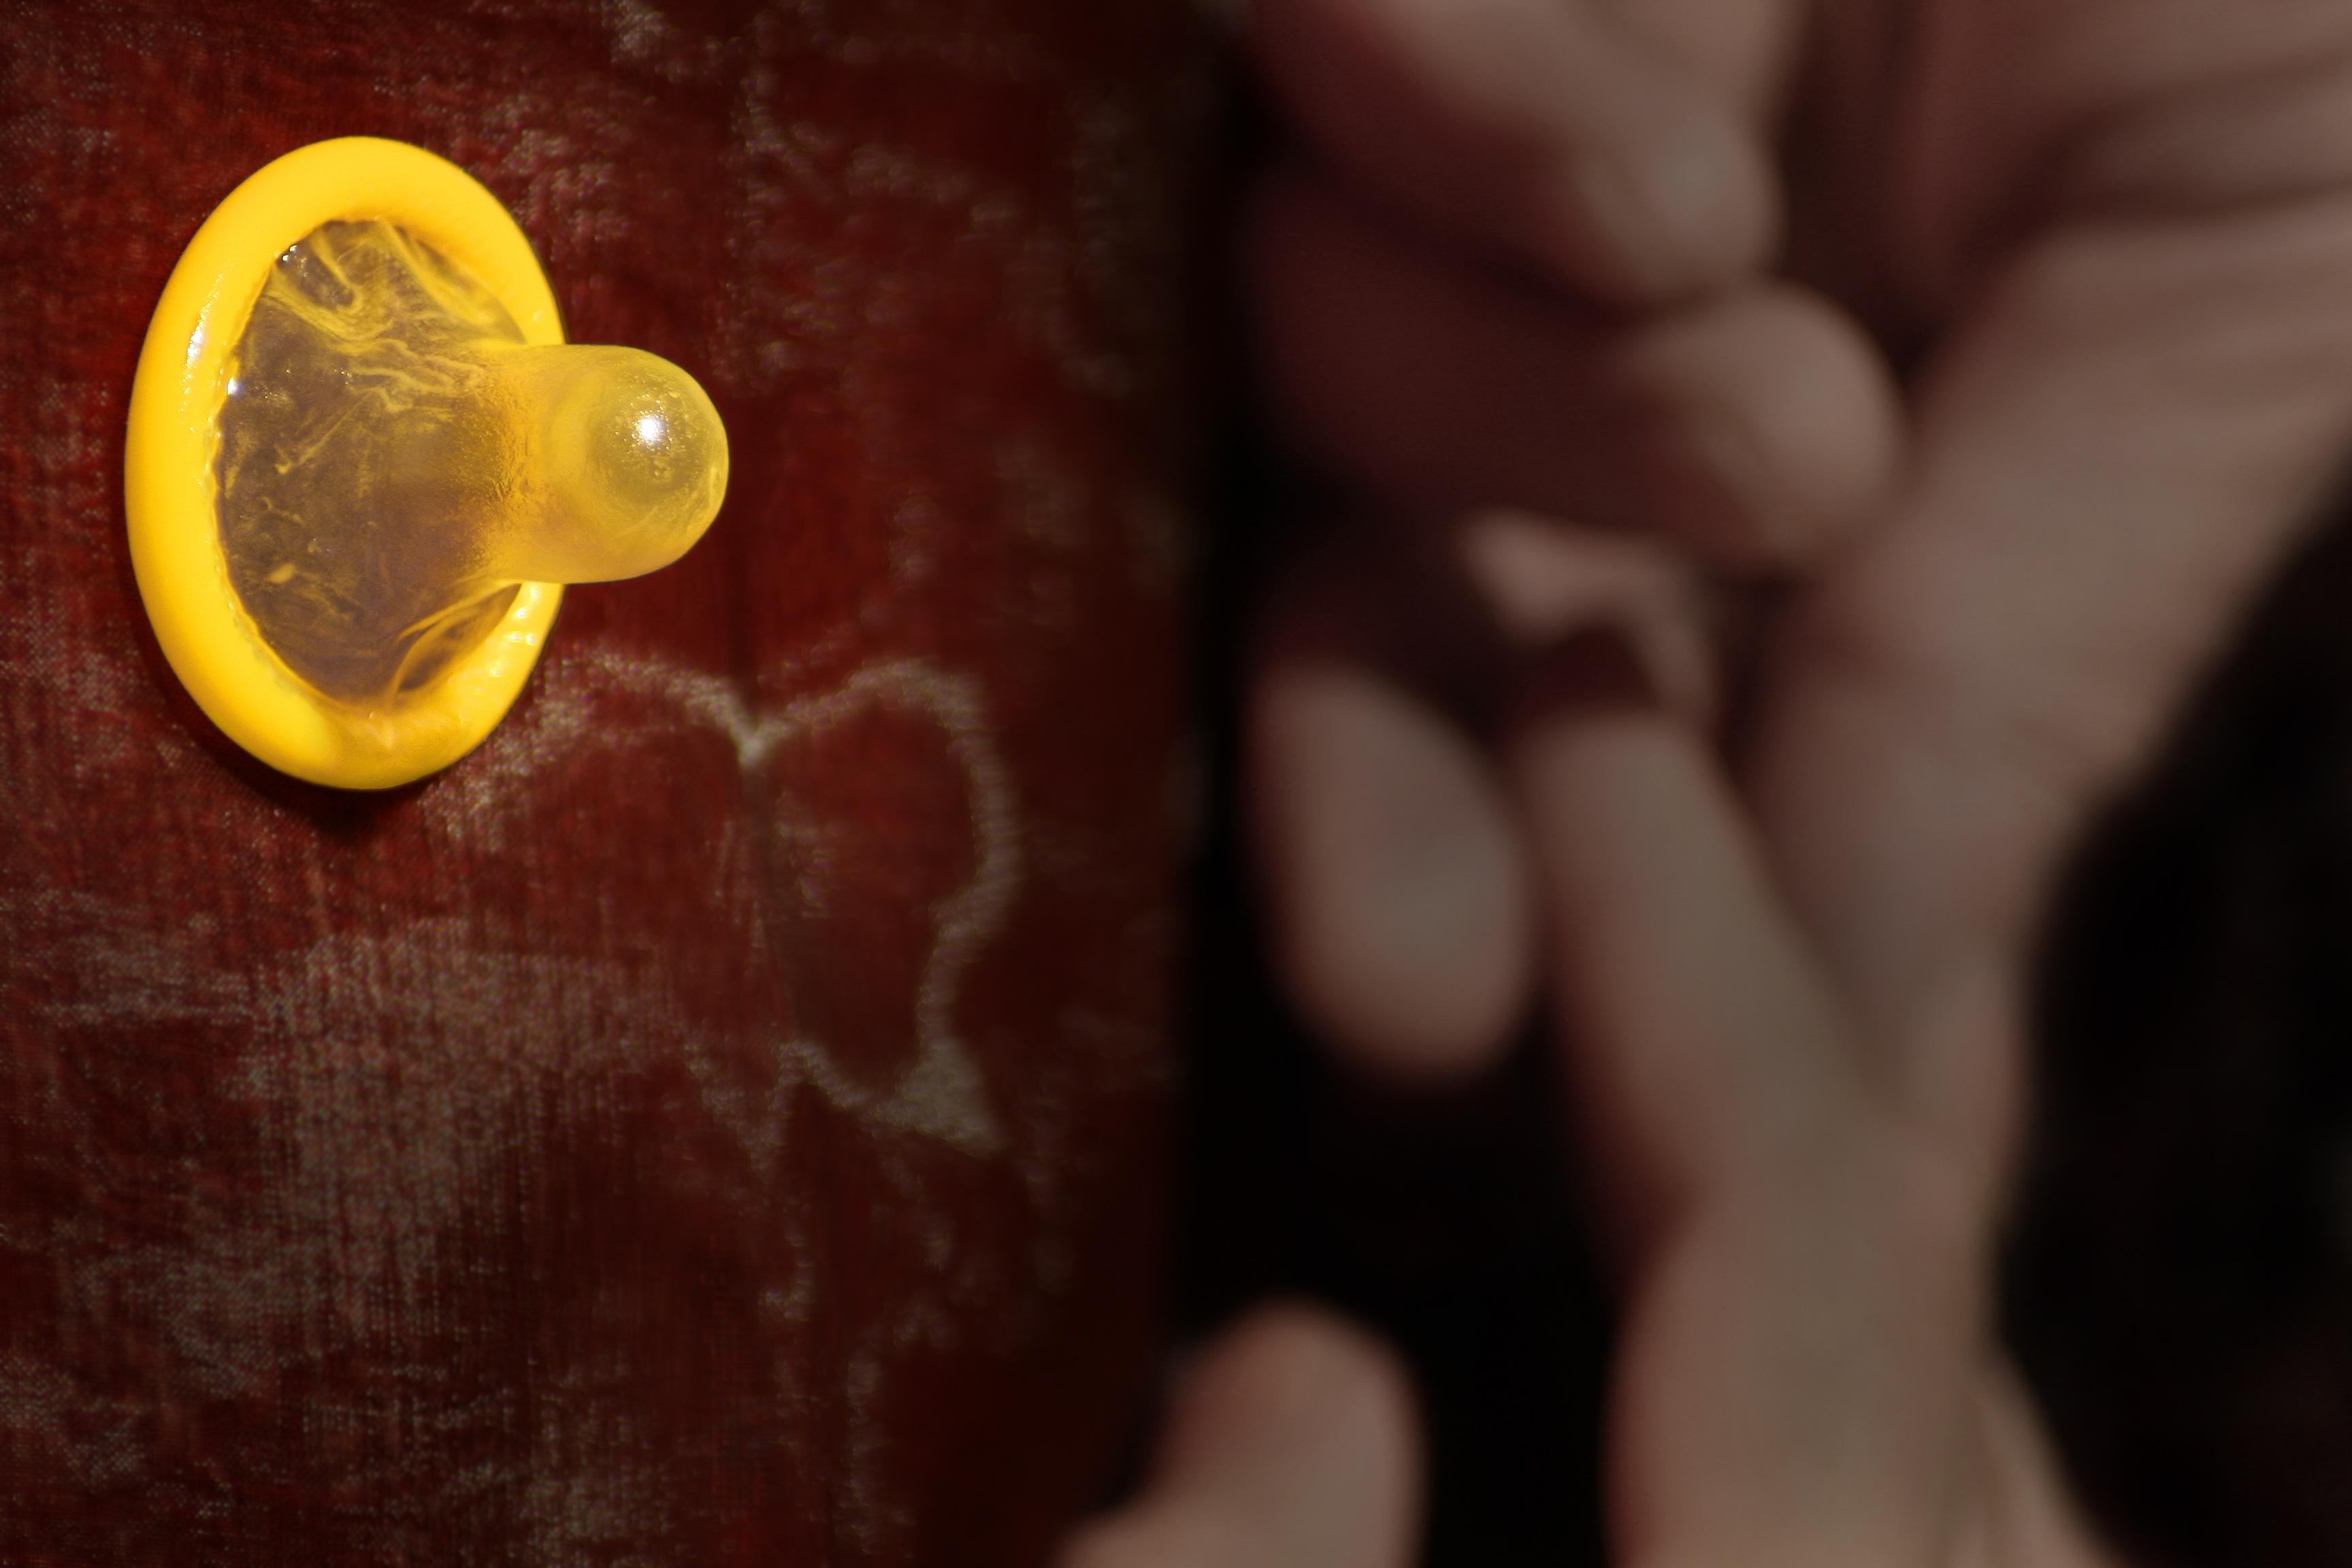 Kein gefuhl mit kondom